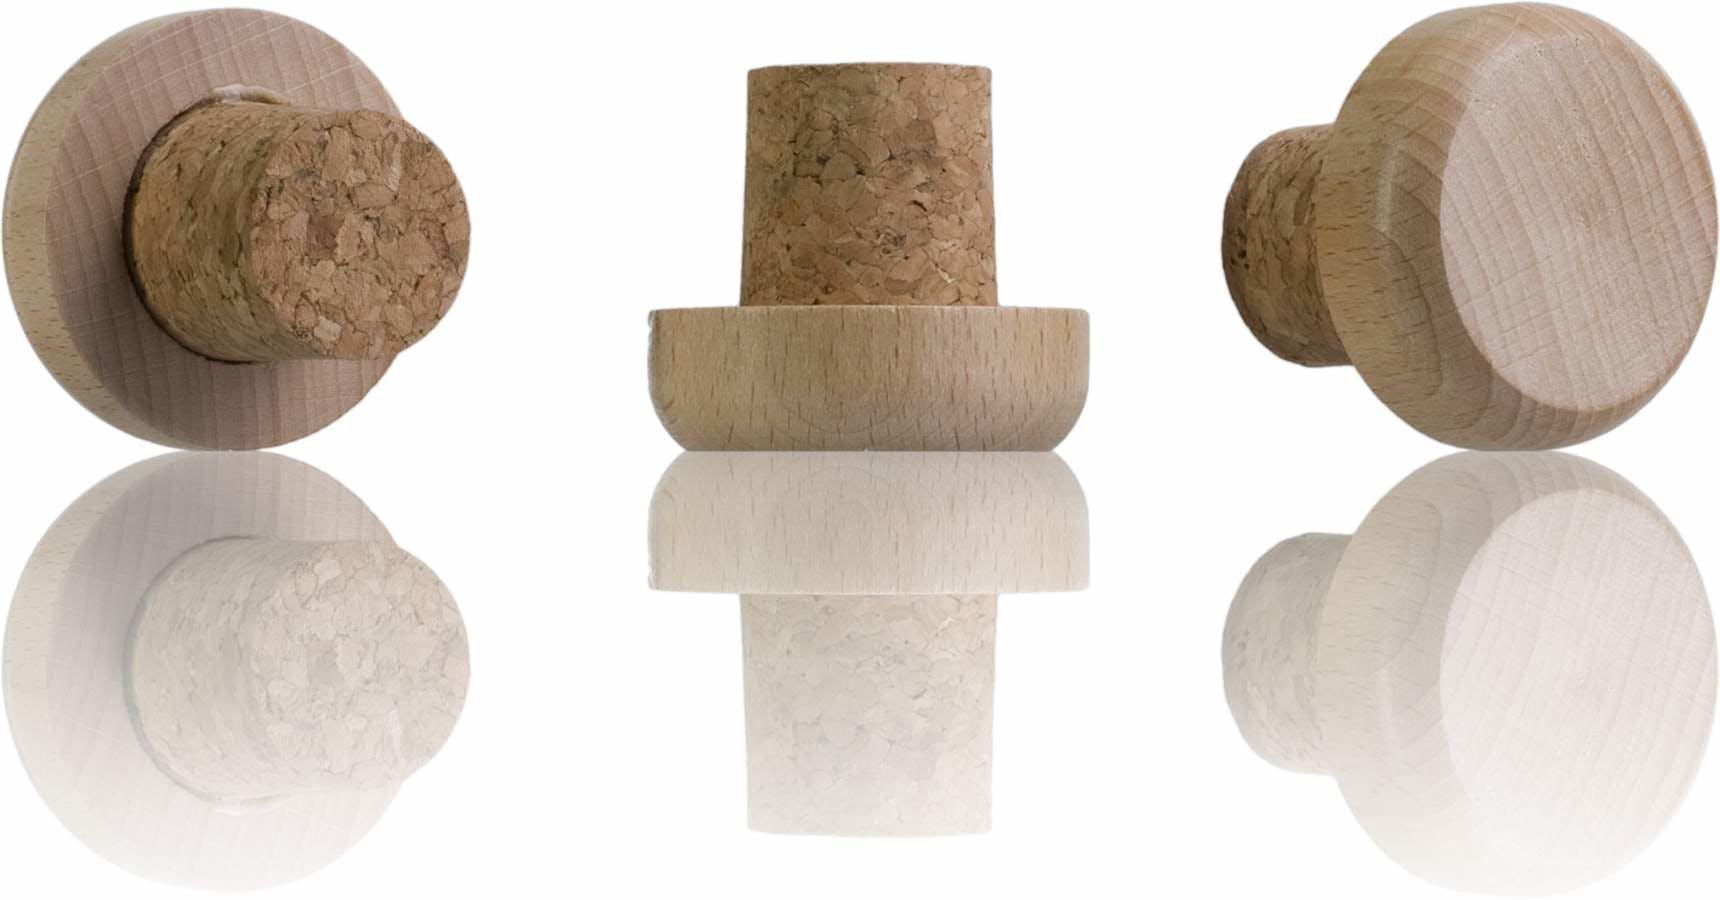 Tapon nº 9 corcho cabeza madera frasca 1000-sistemas-de-cierre-tapones